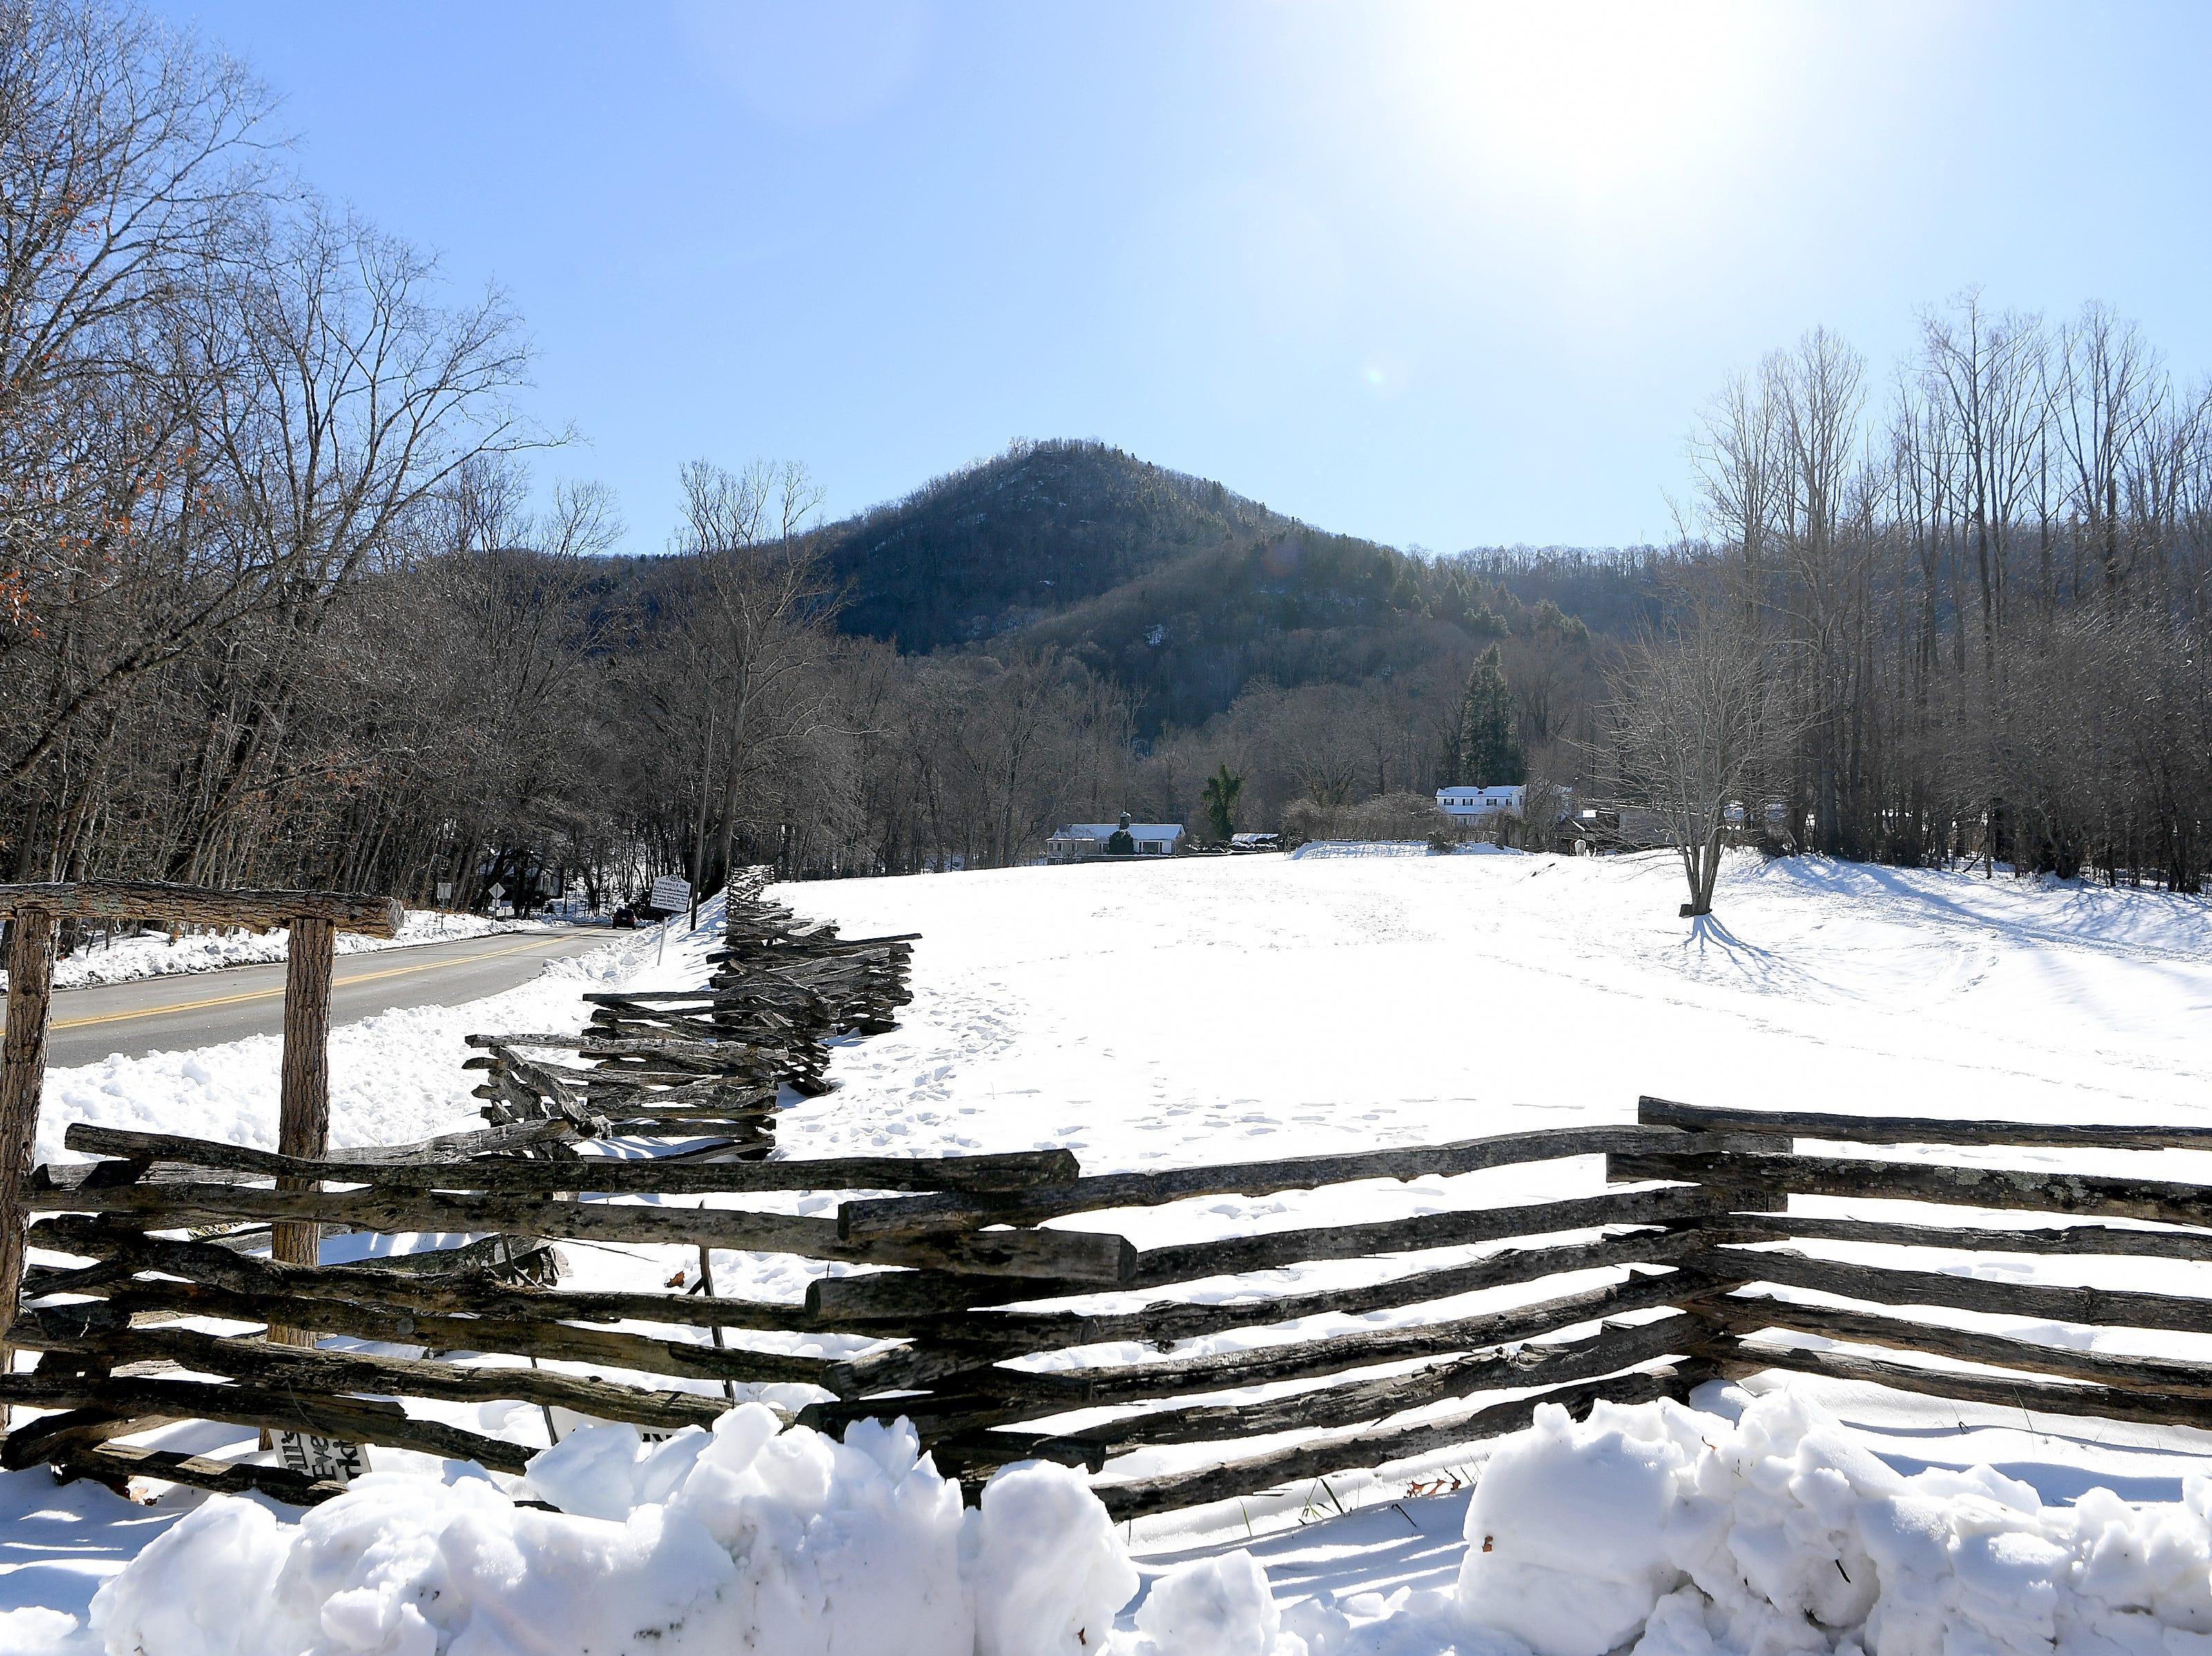 The sun melts snowy fields in Fairview on Dec. 11, 2018.